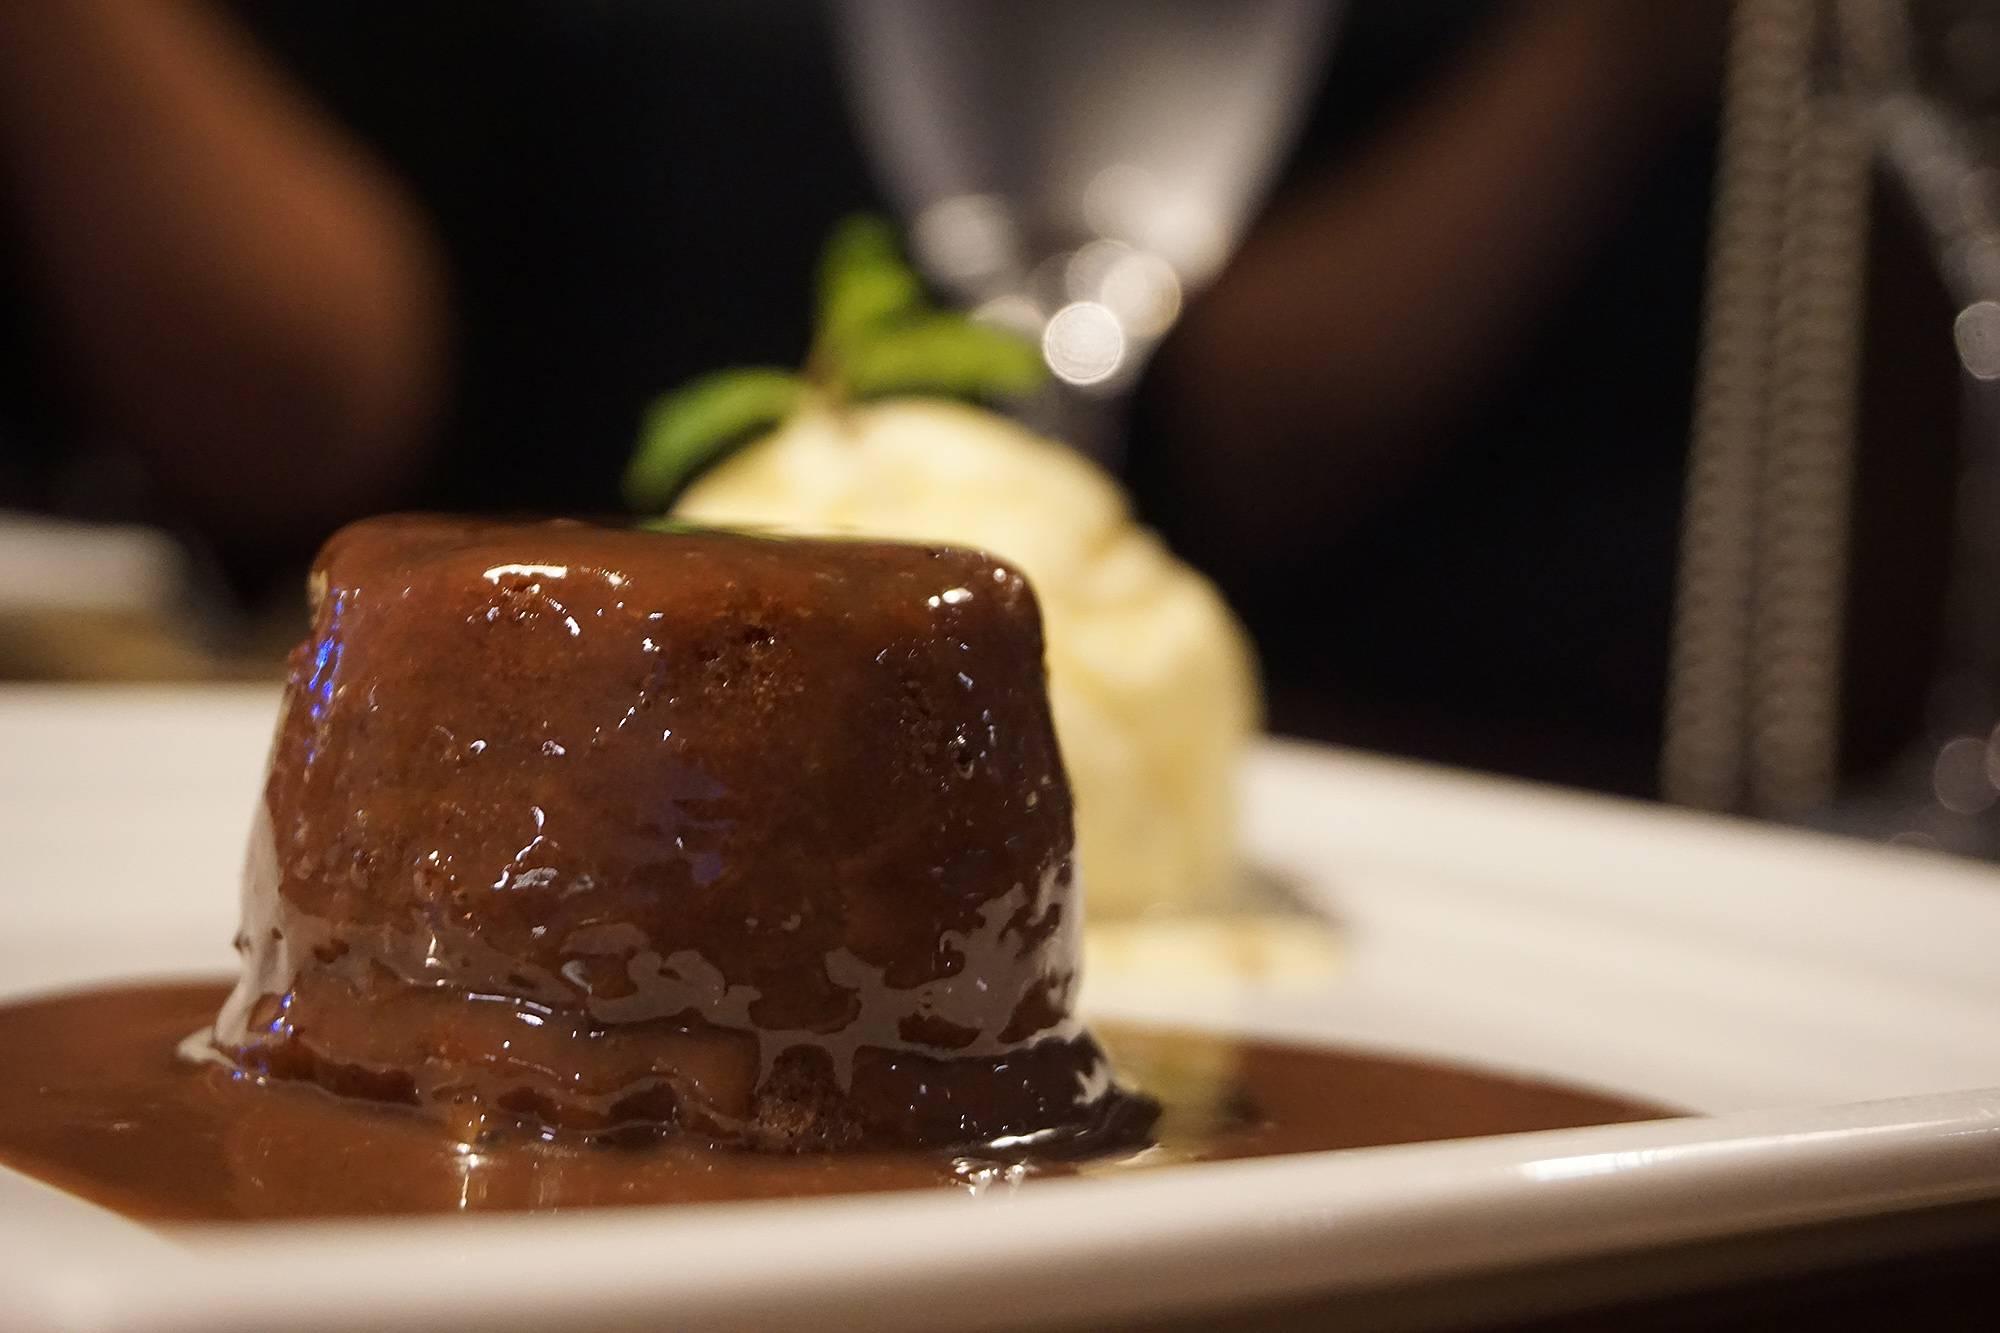 www.juicysantos.com.br - petit gateau do restaurante da franco